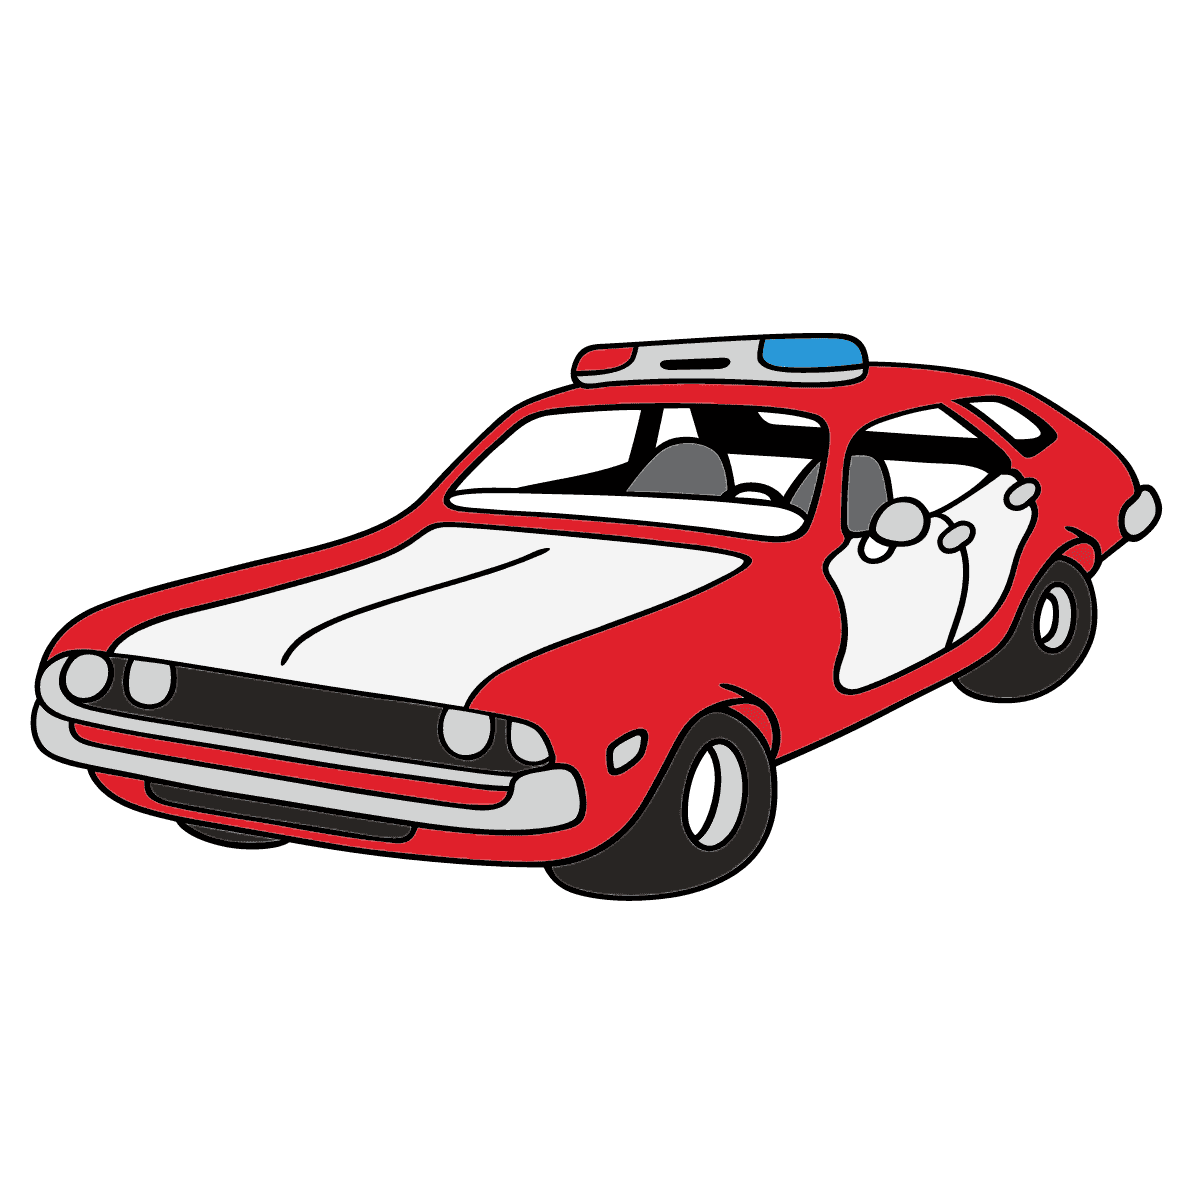 polizeiauto ausmalbild  ausmalbilder polizei poizeiauto